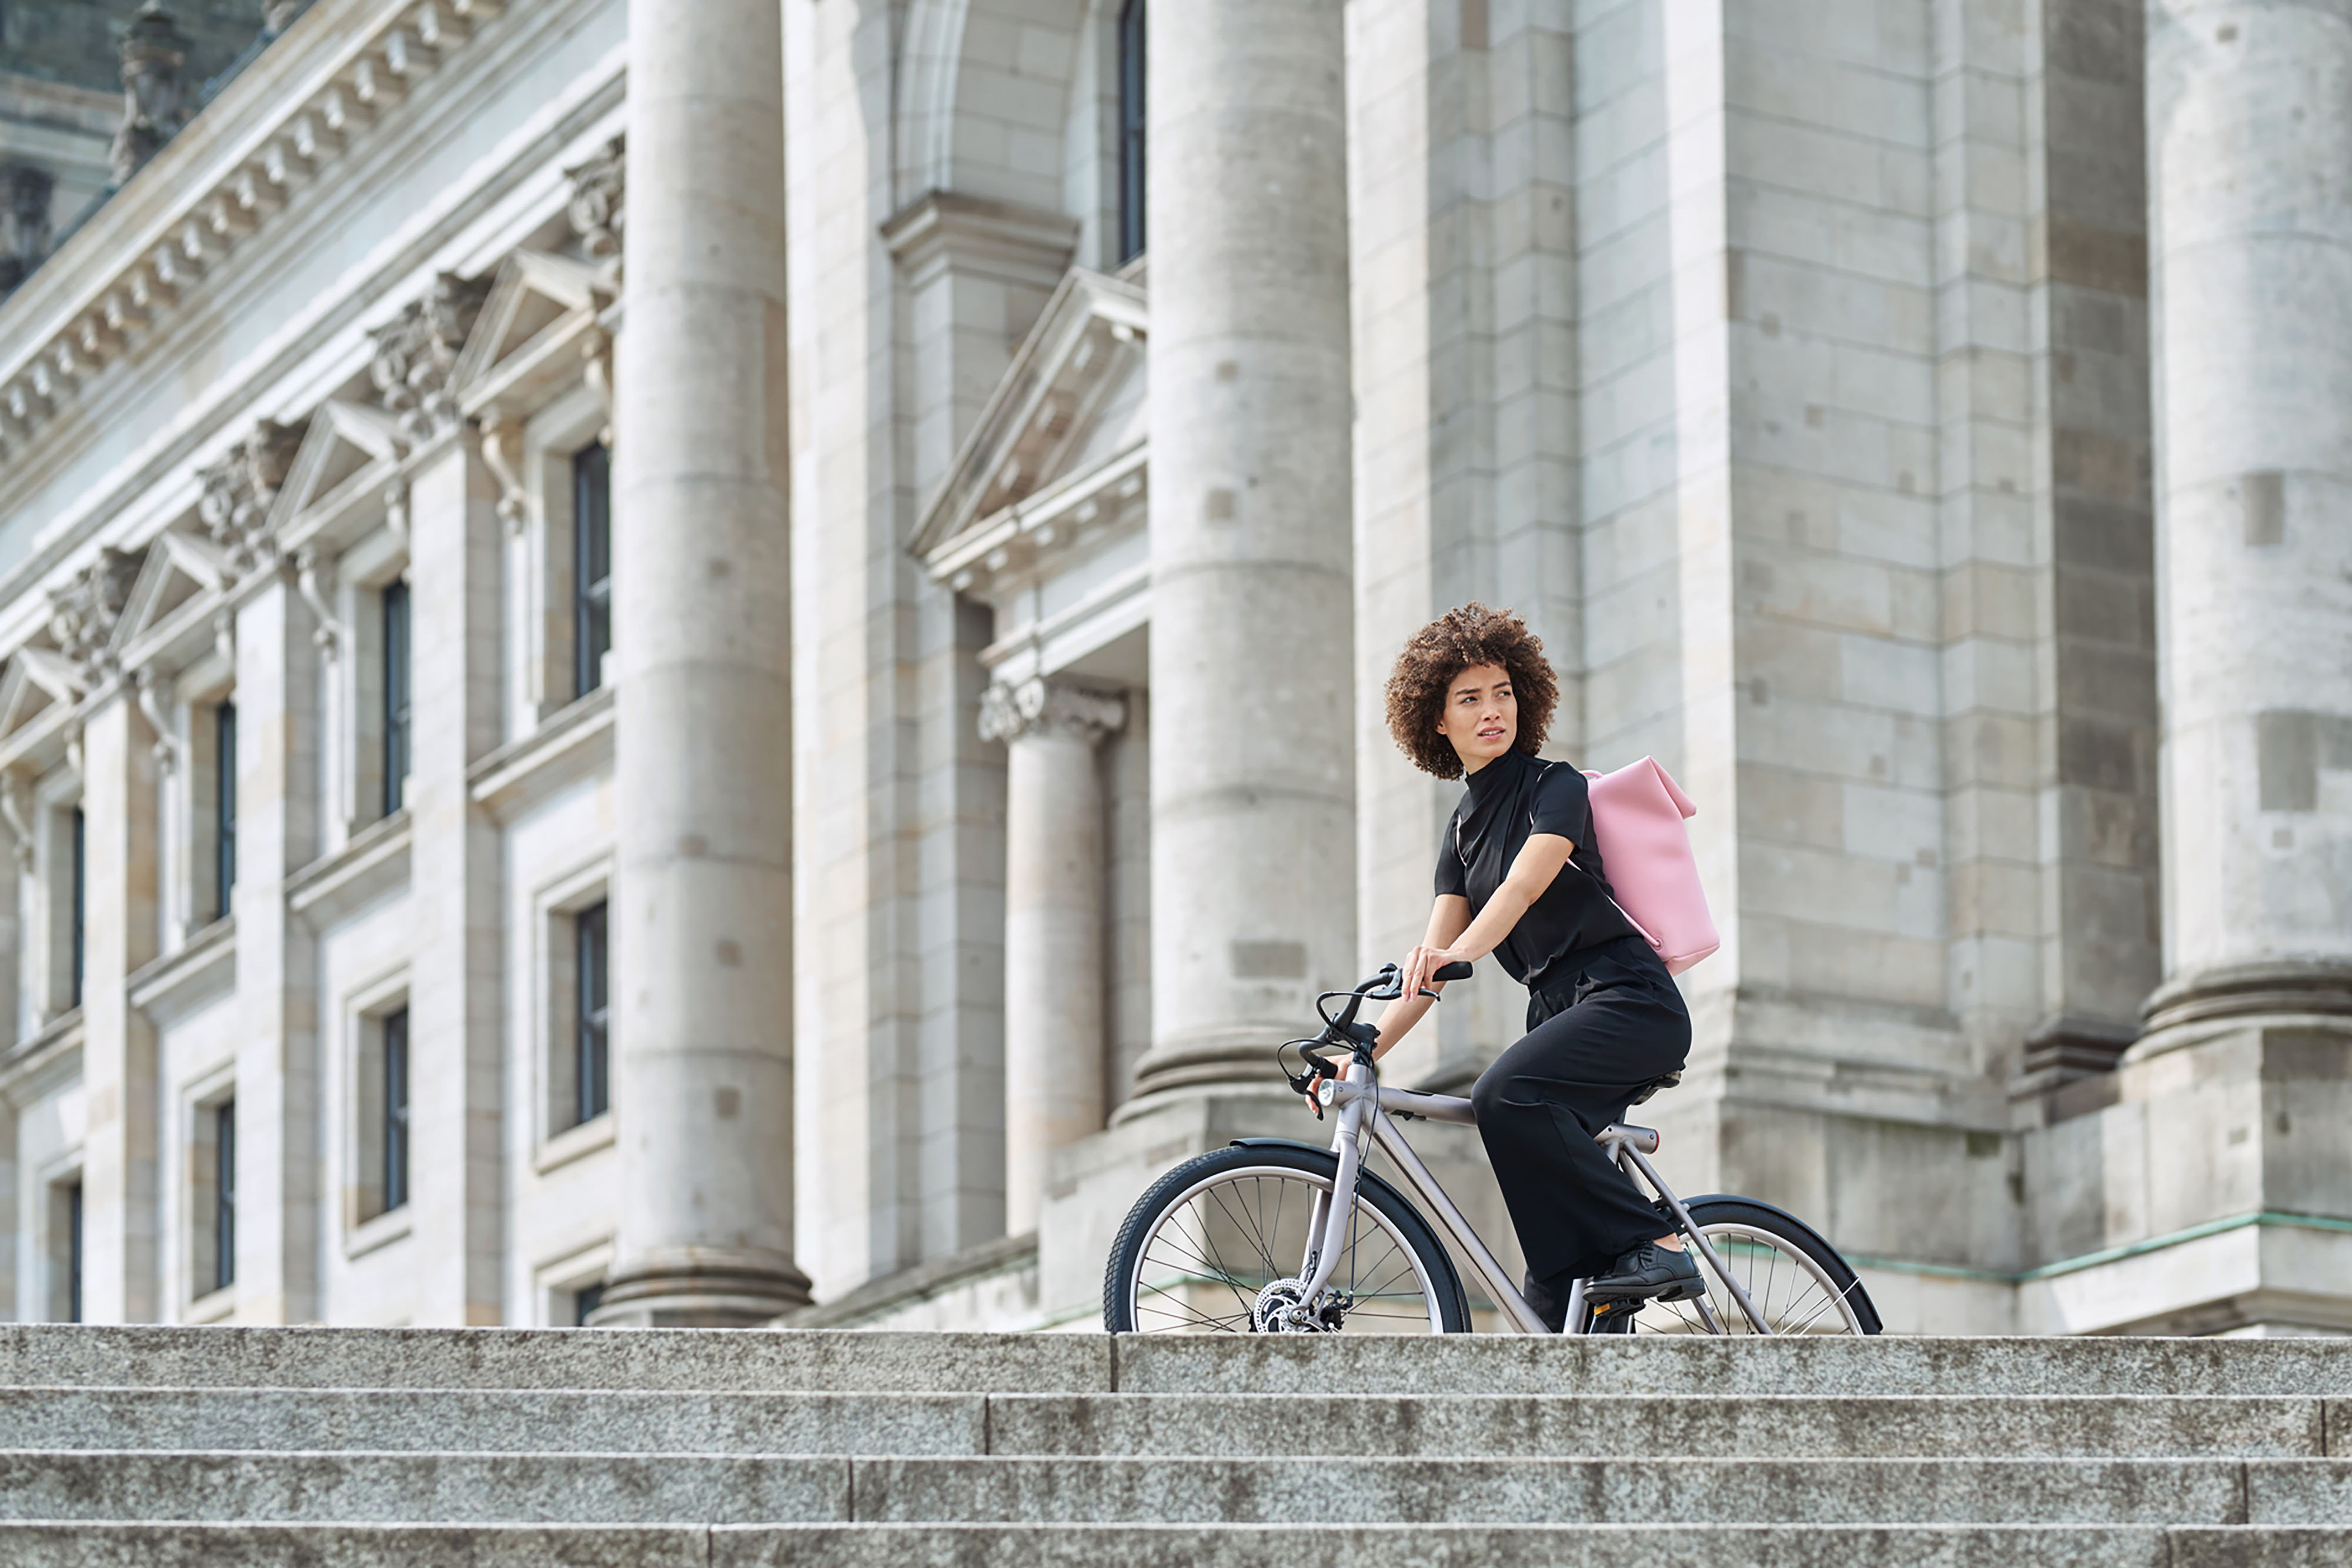 VanMoof lance un abonnement pour ses vélos haut de gamme